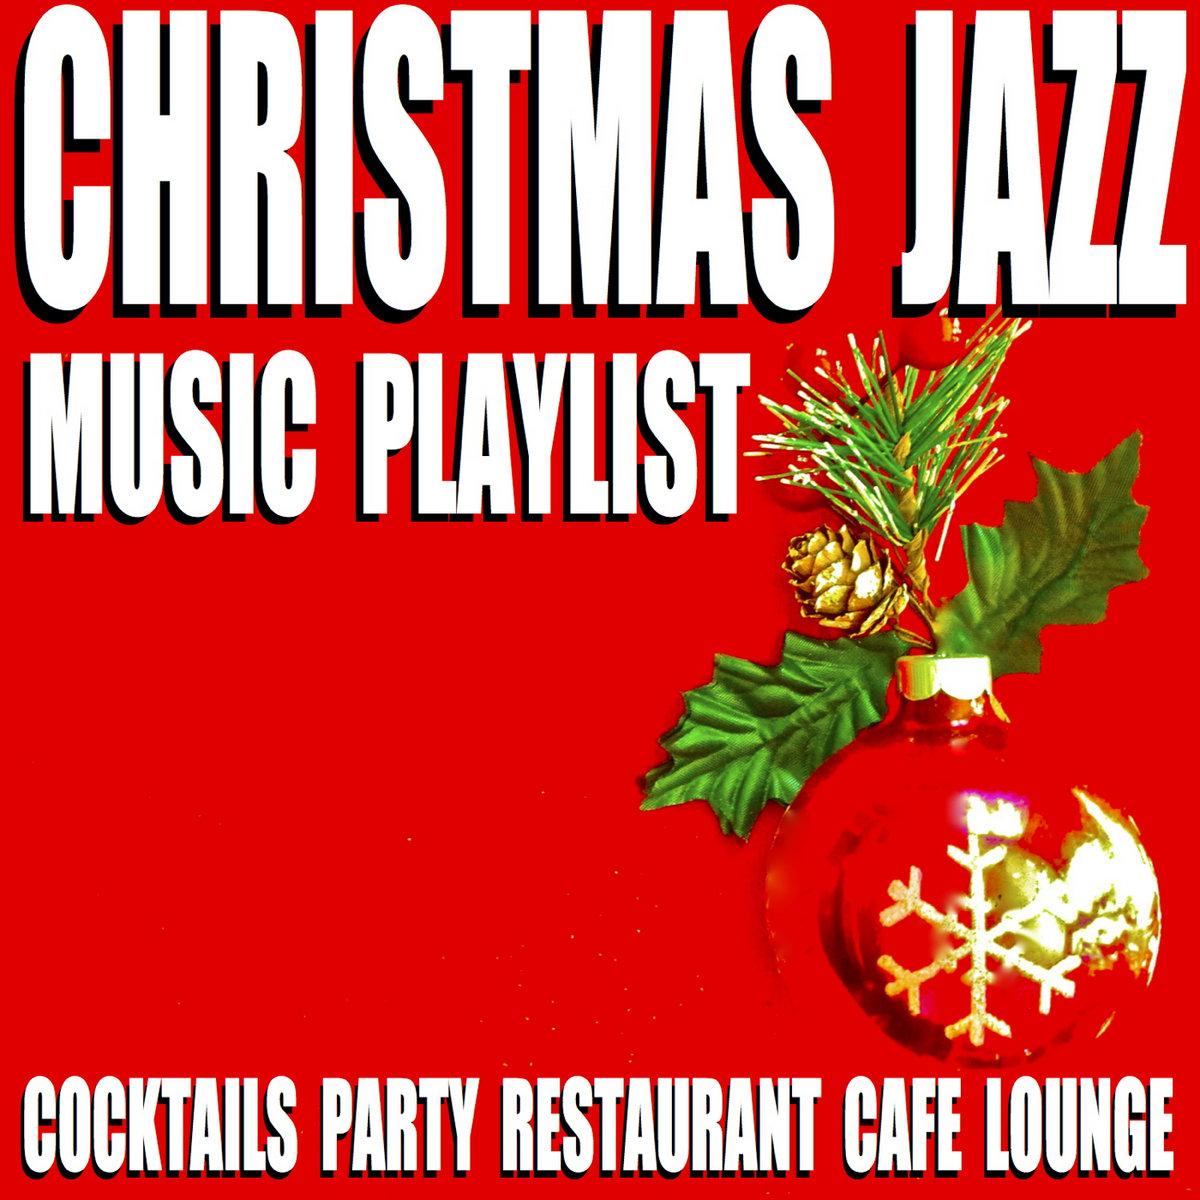 12 days of christmas jazz instrumental from christmas jazz music playlist by blue claw jazz - 12 Days Of Christmas Instrumental